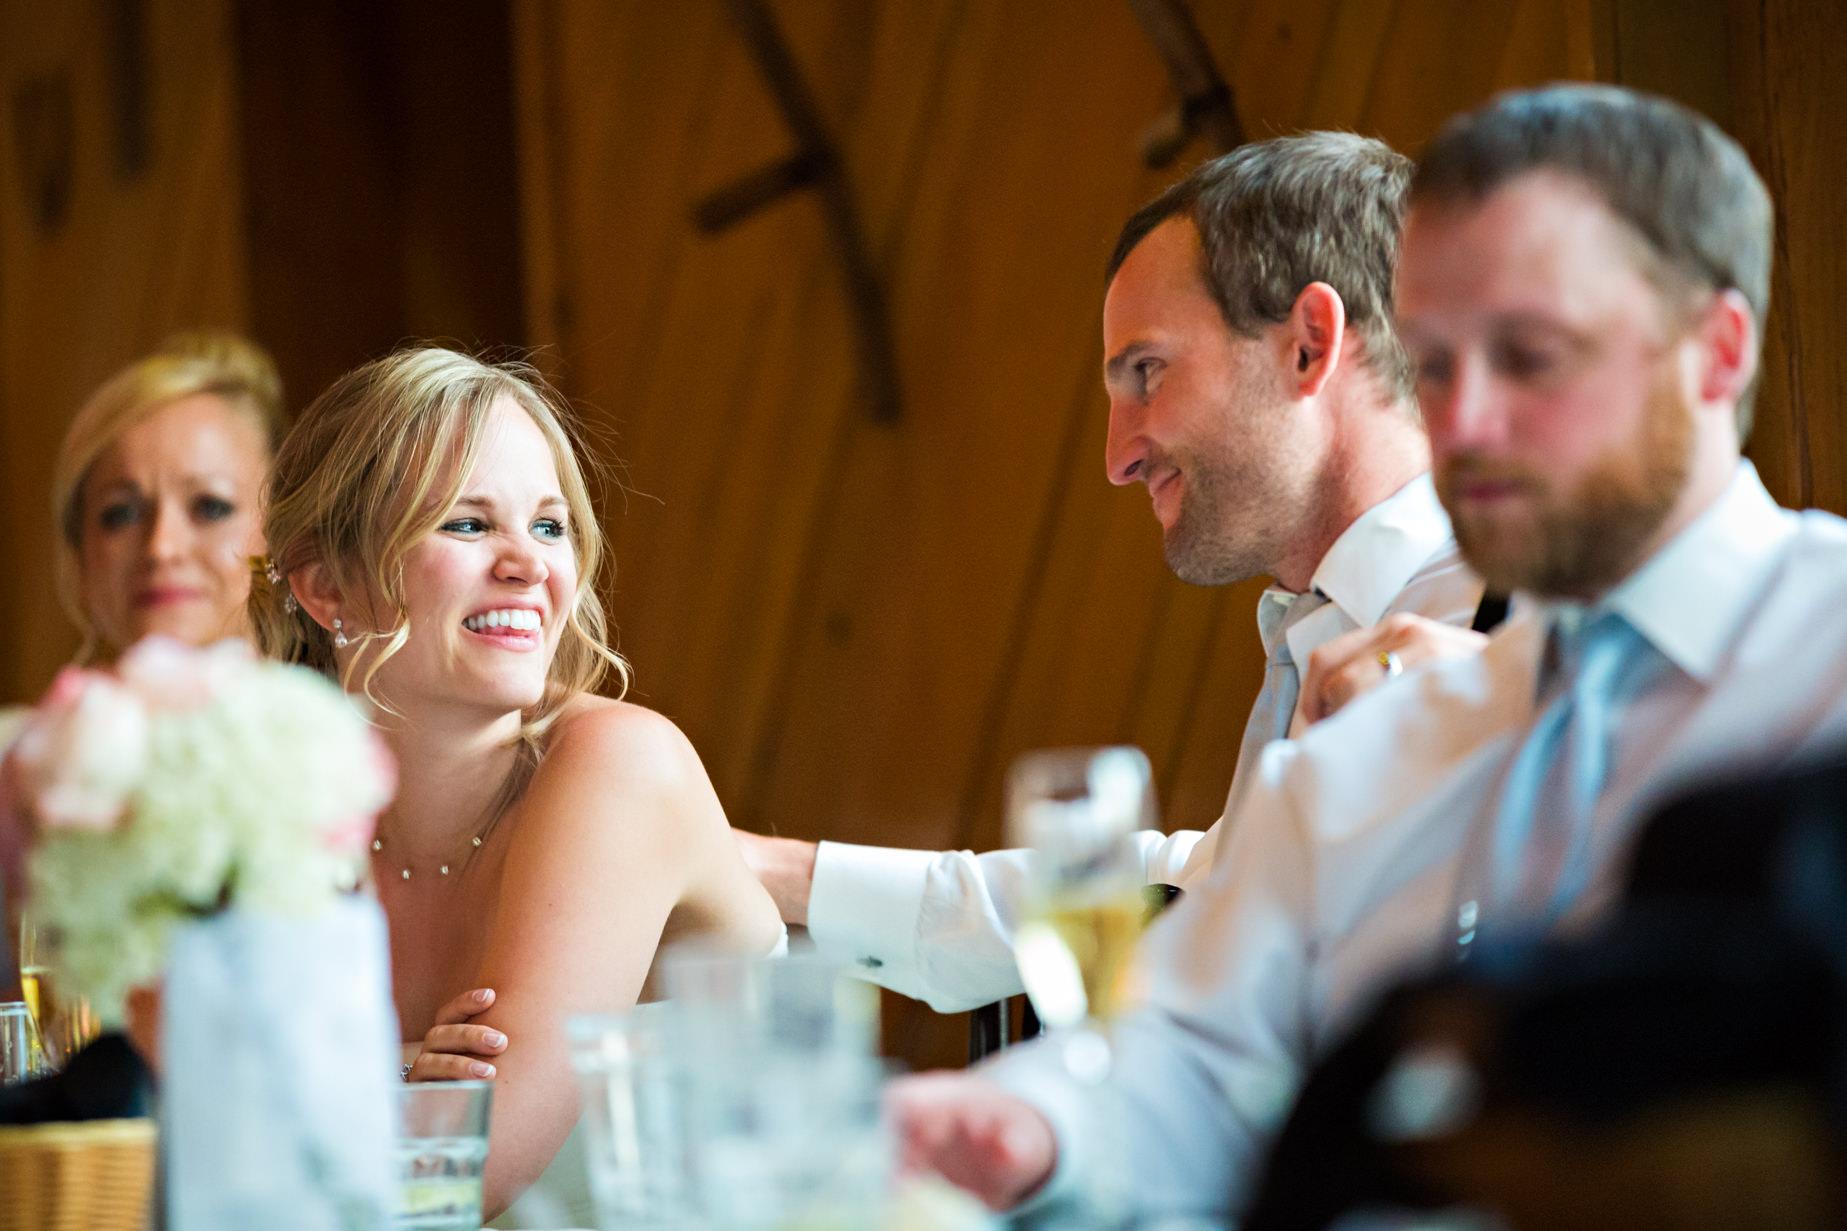 big-sky-resort-wedding-bride-looking-at-groom-during-meal.jpg